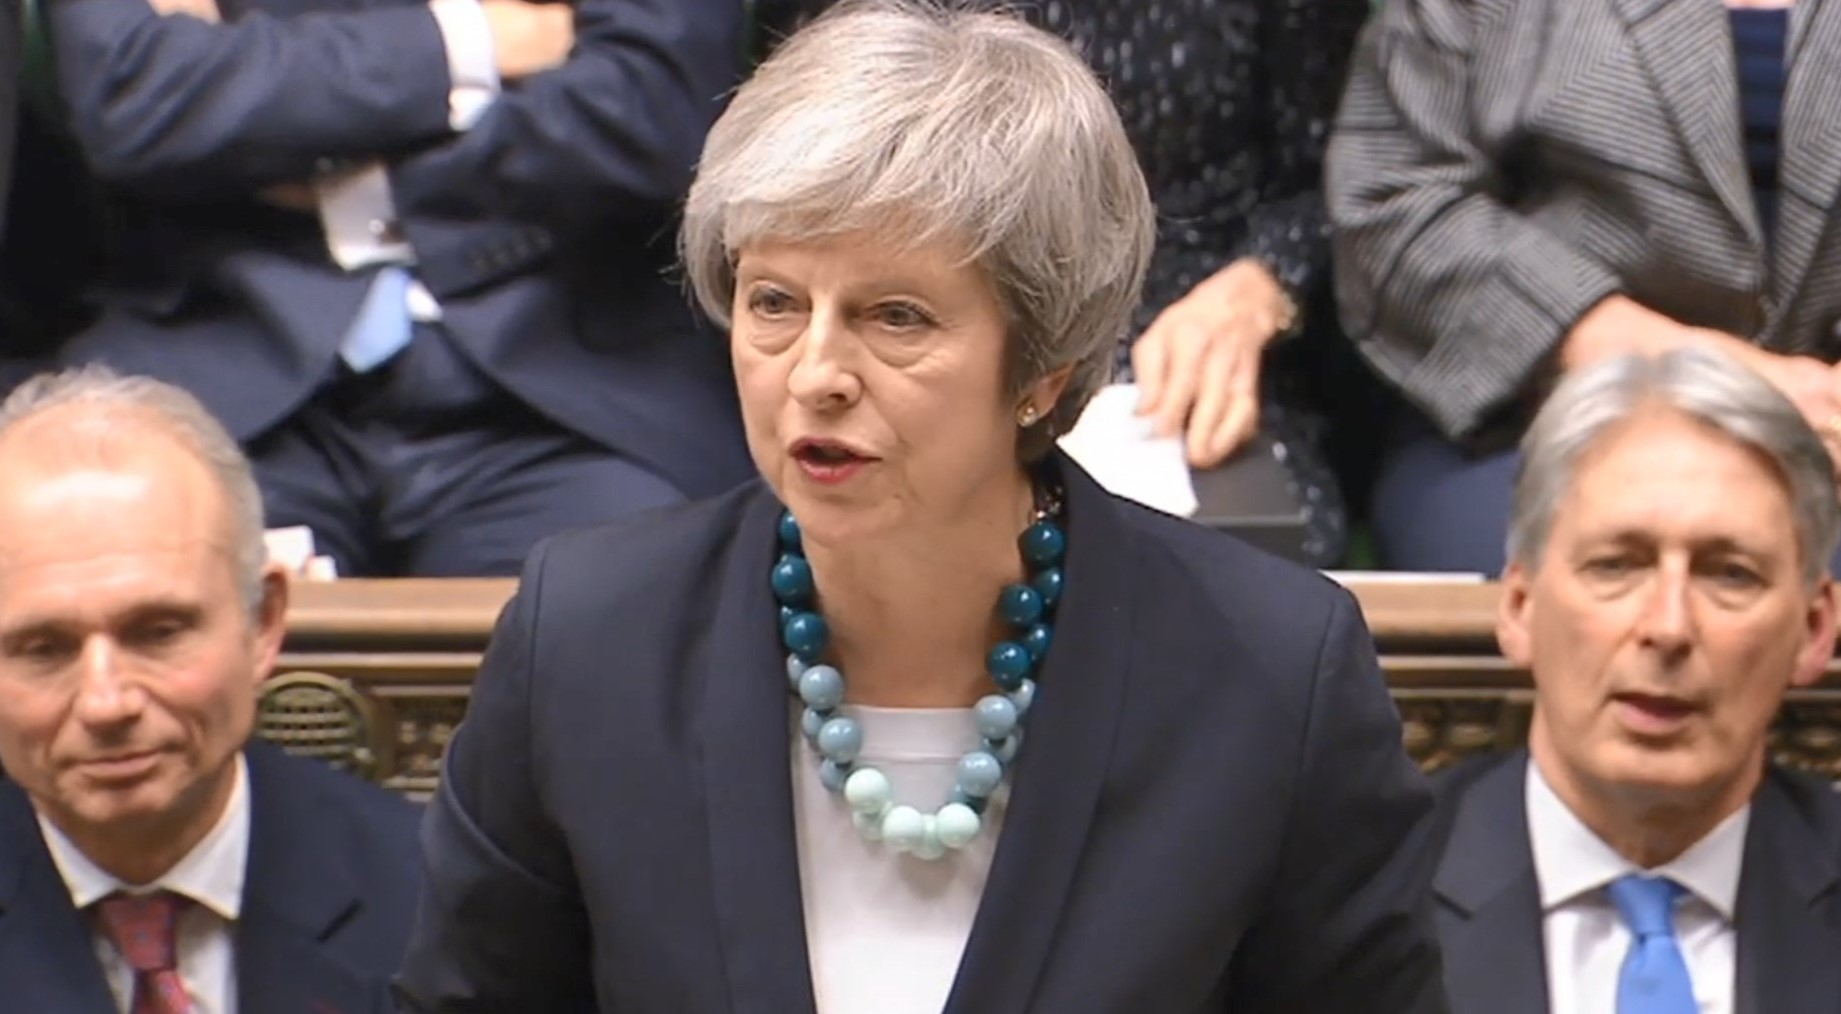 Skandal në parlamentin britanik